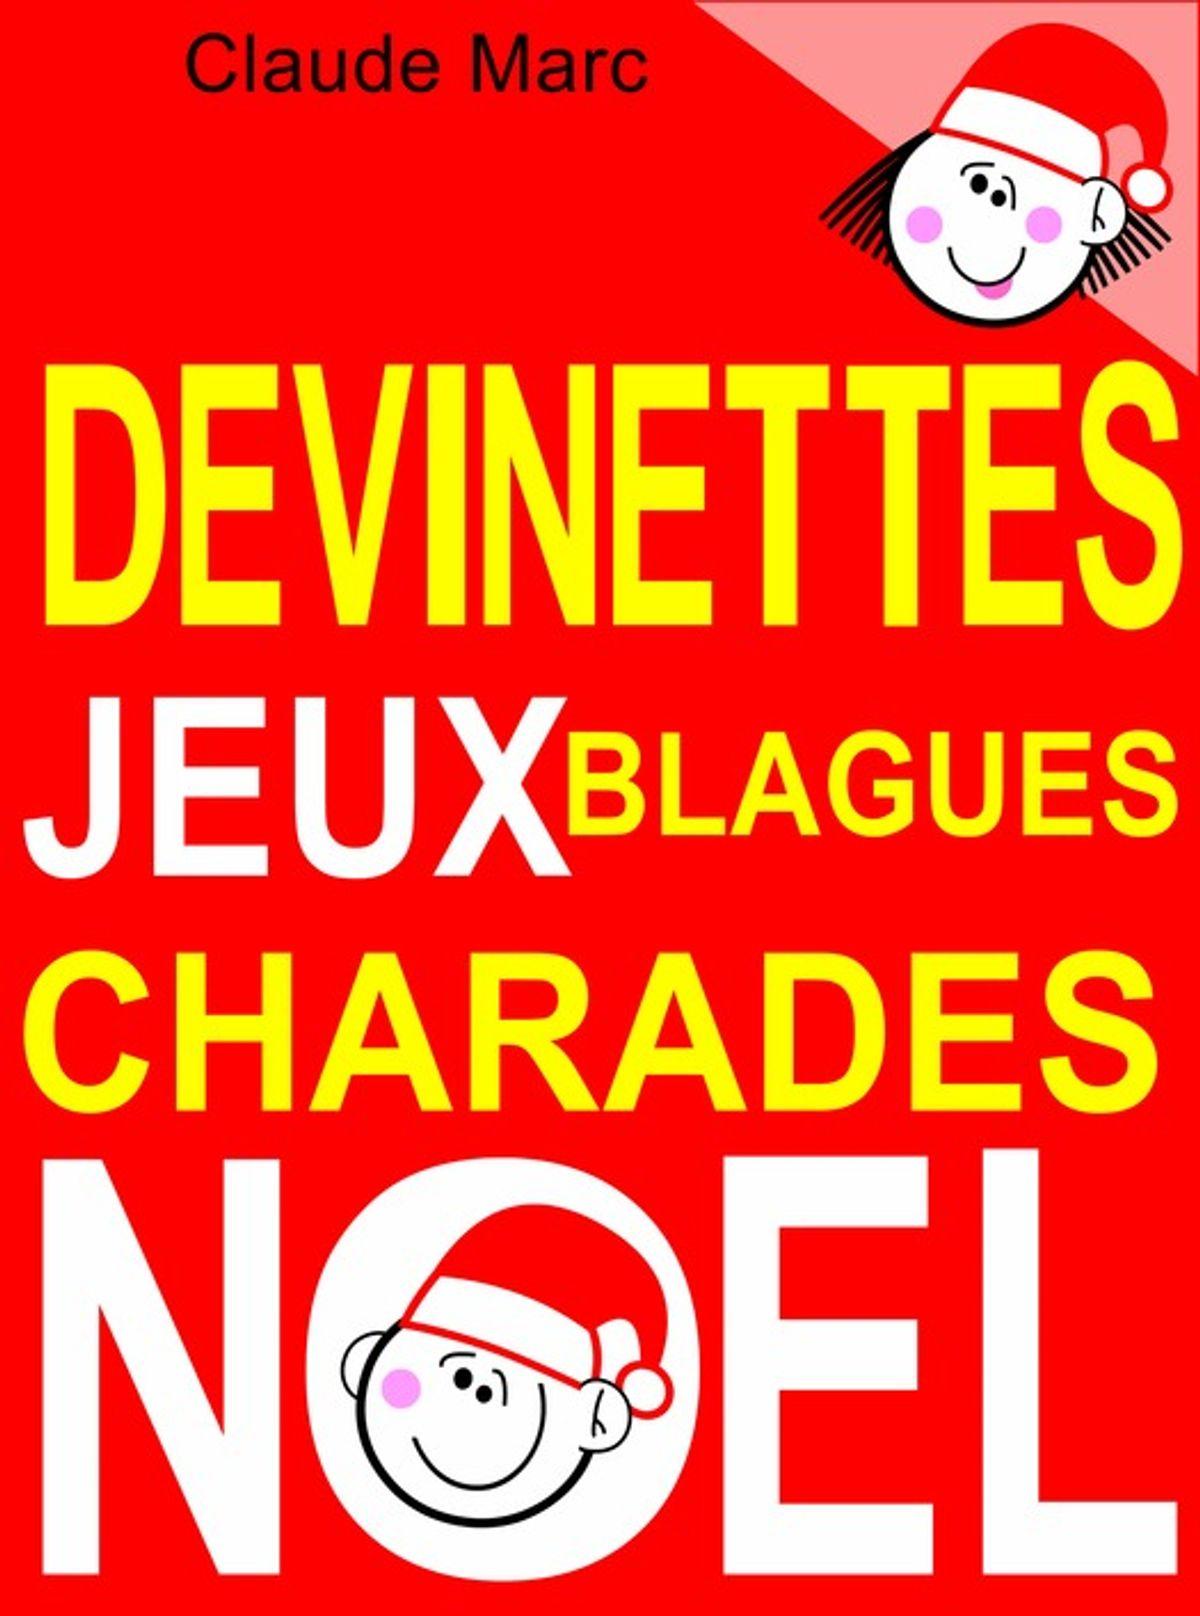 Devinettes Et Blagues De Noël. Charades, Jeux De Lettres Et Jeux De Mots.  Ebook By Claude Marc - Rakuten Kobo serapportantà Rébus Facile Avec Réponse